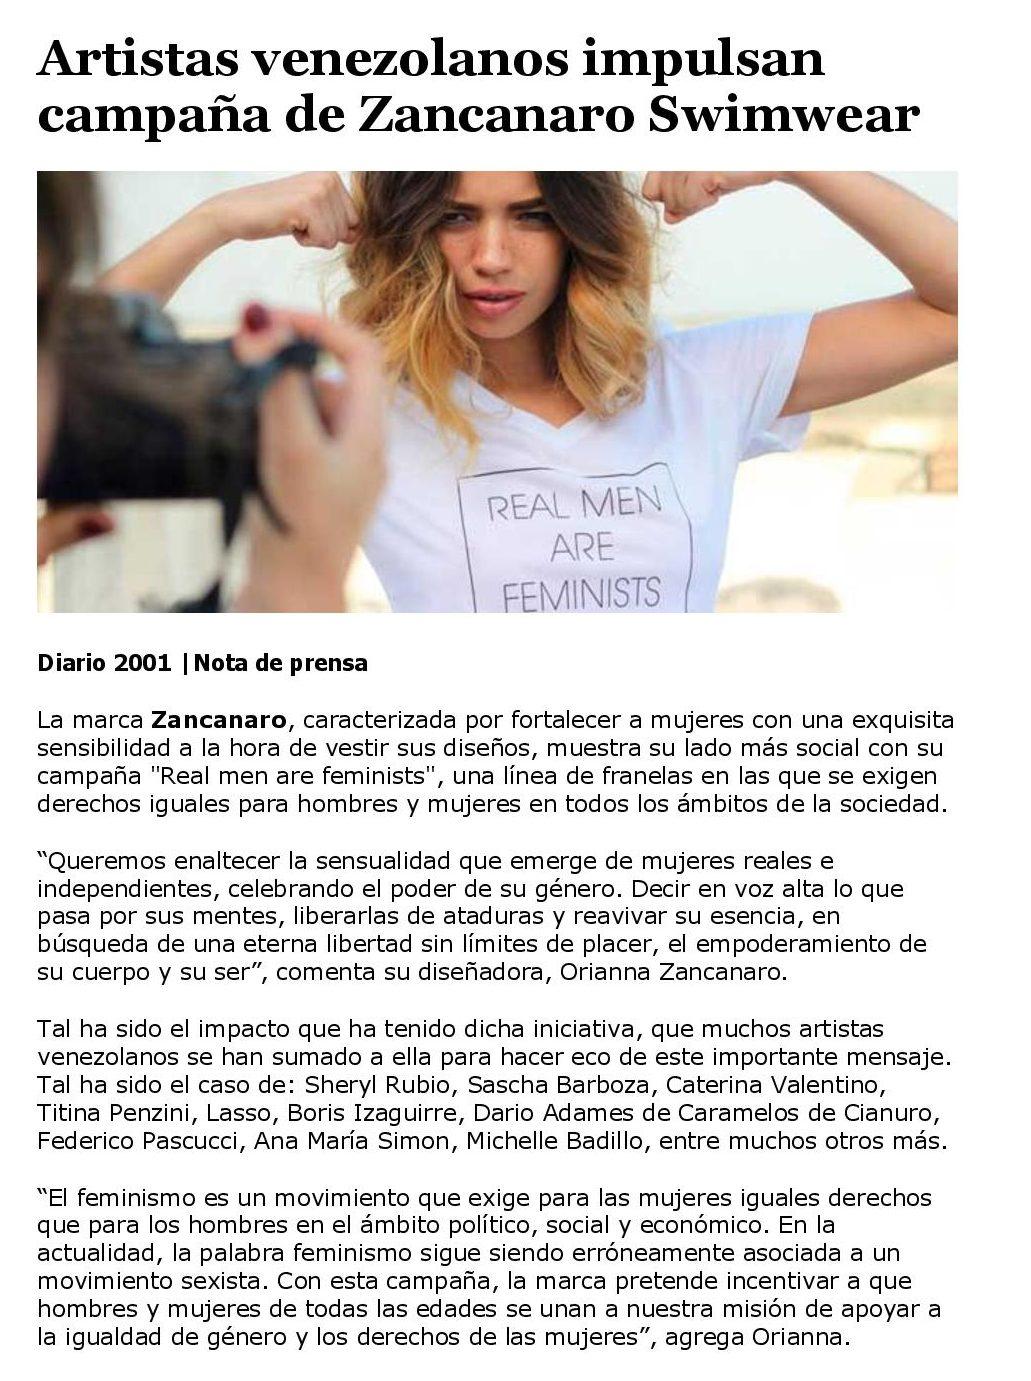 Artistas venezolanos impulsan campaña de Zancarano Swimwear - www.michellebadillo.com